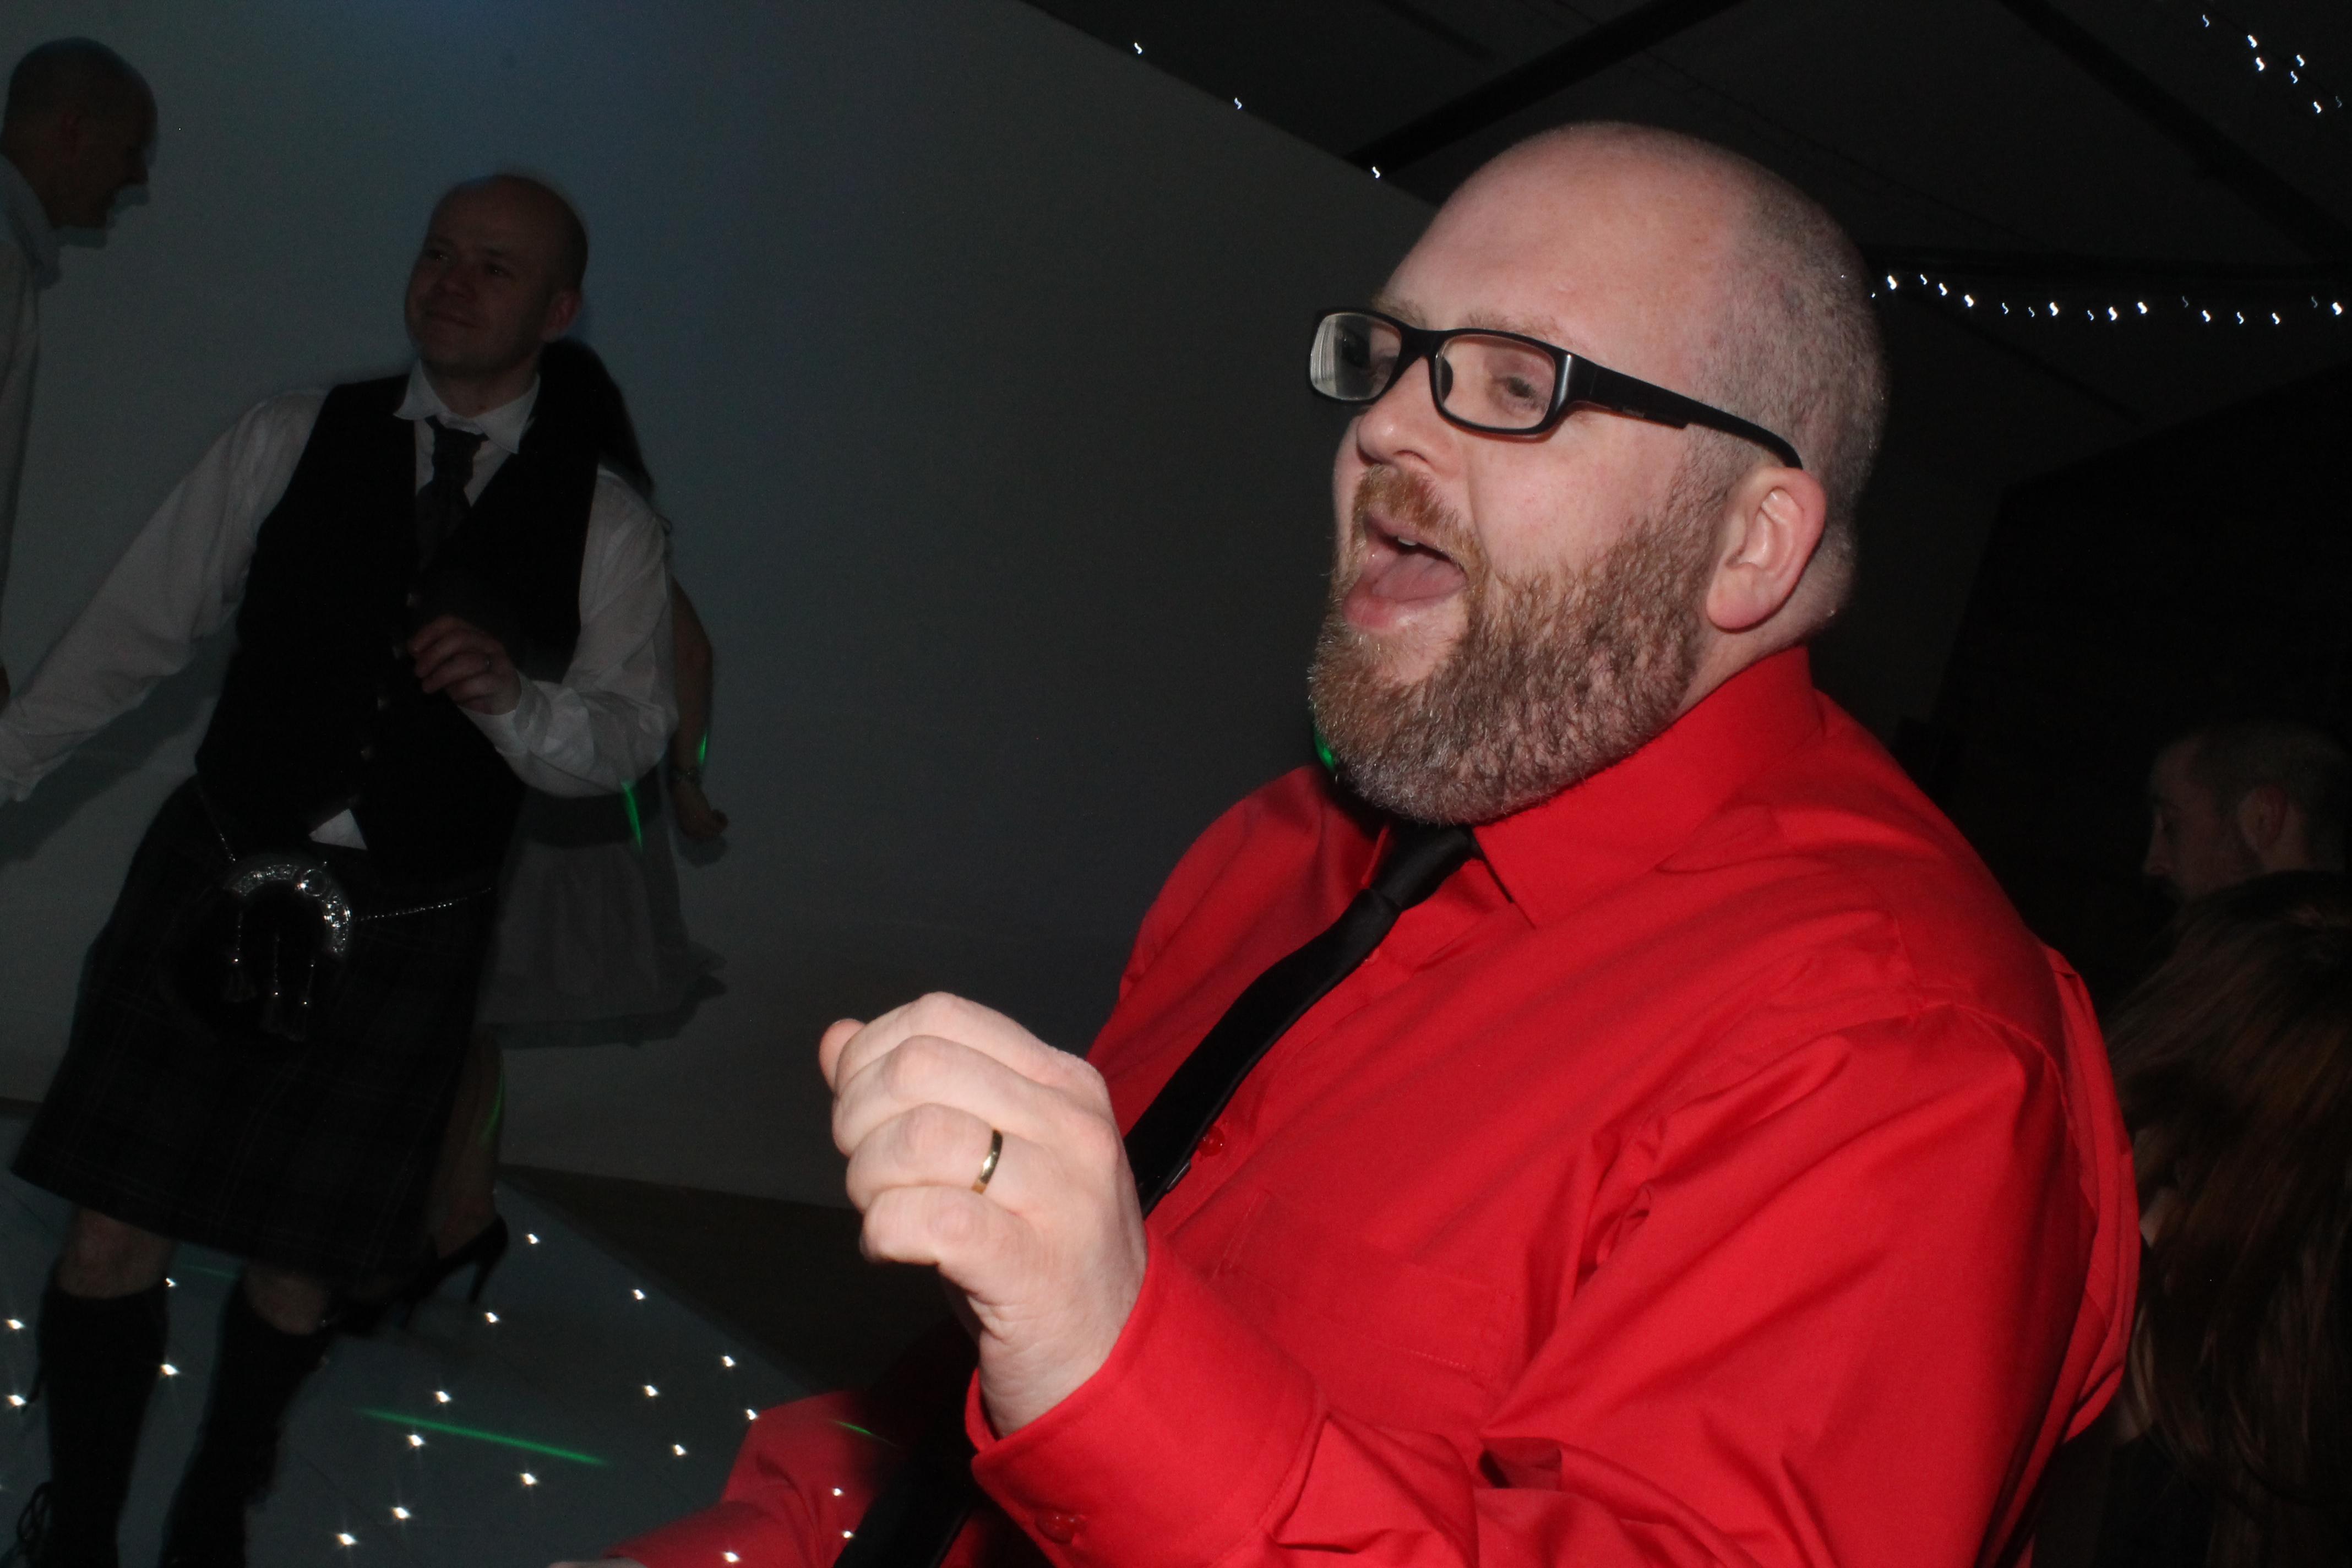 Glasgow wedding DJ